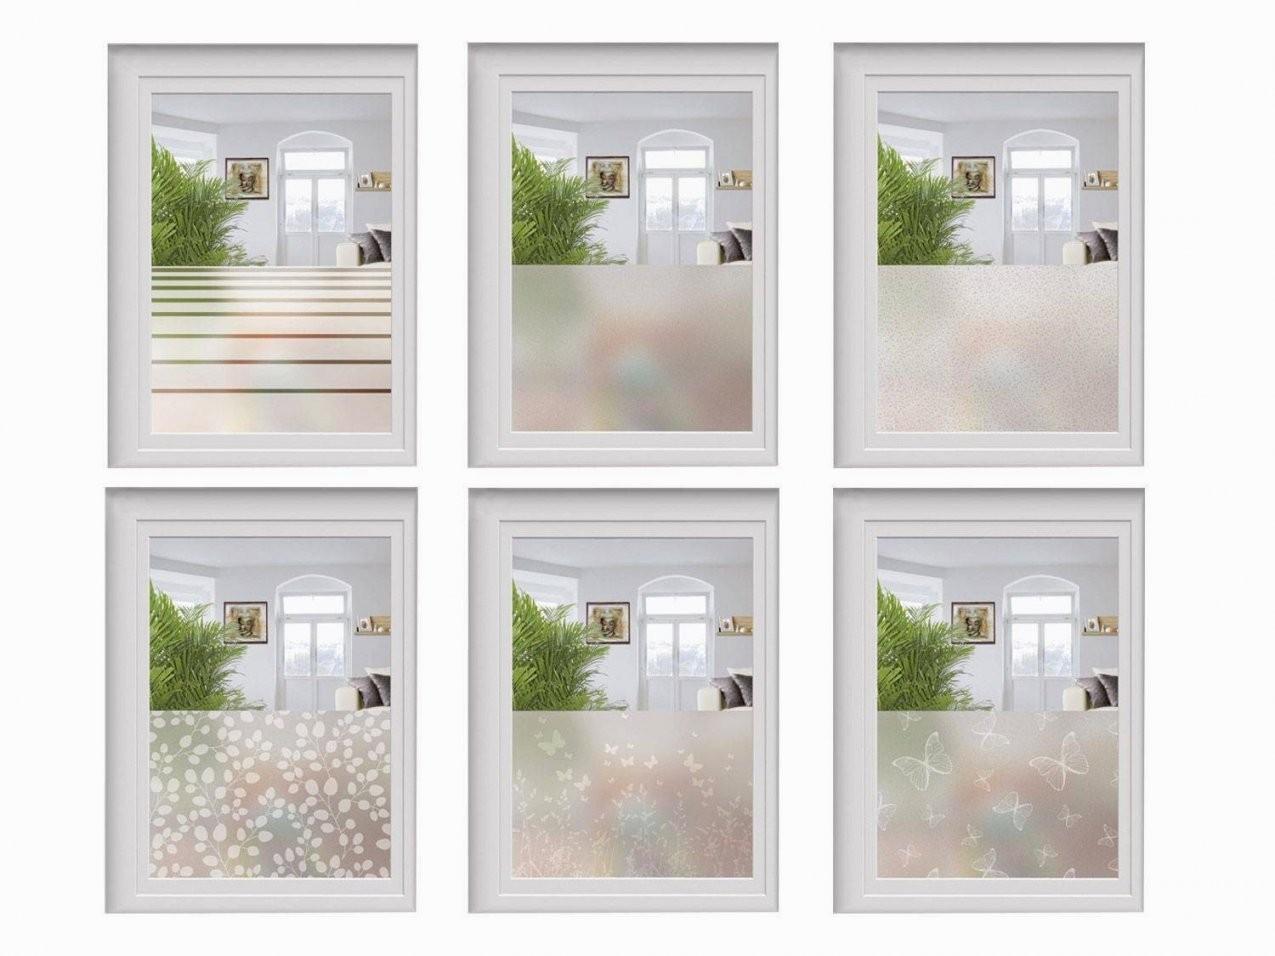 Unglaublich Milchglasfolie Ikea Häusliche Verbesserung Fenster von Fensterfolie Sichtschutz Einseitig Photo